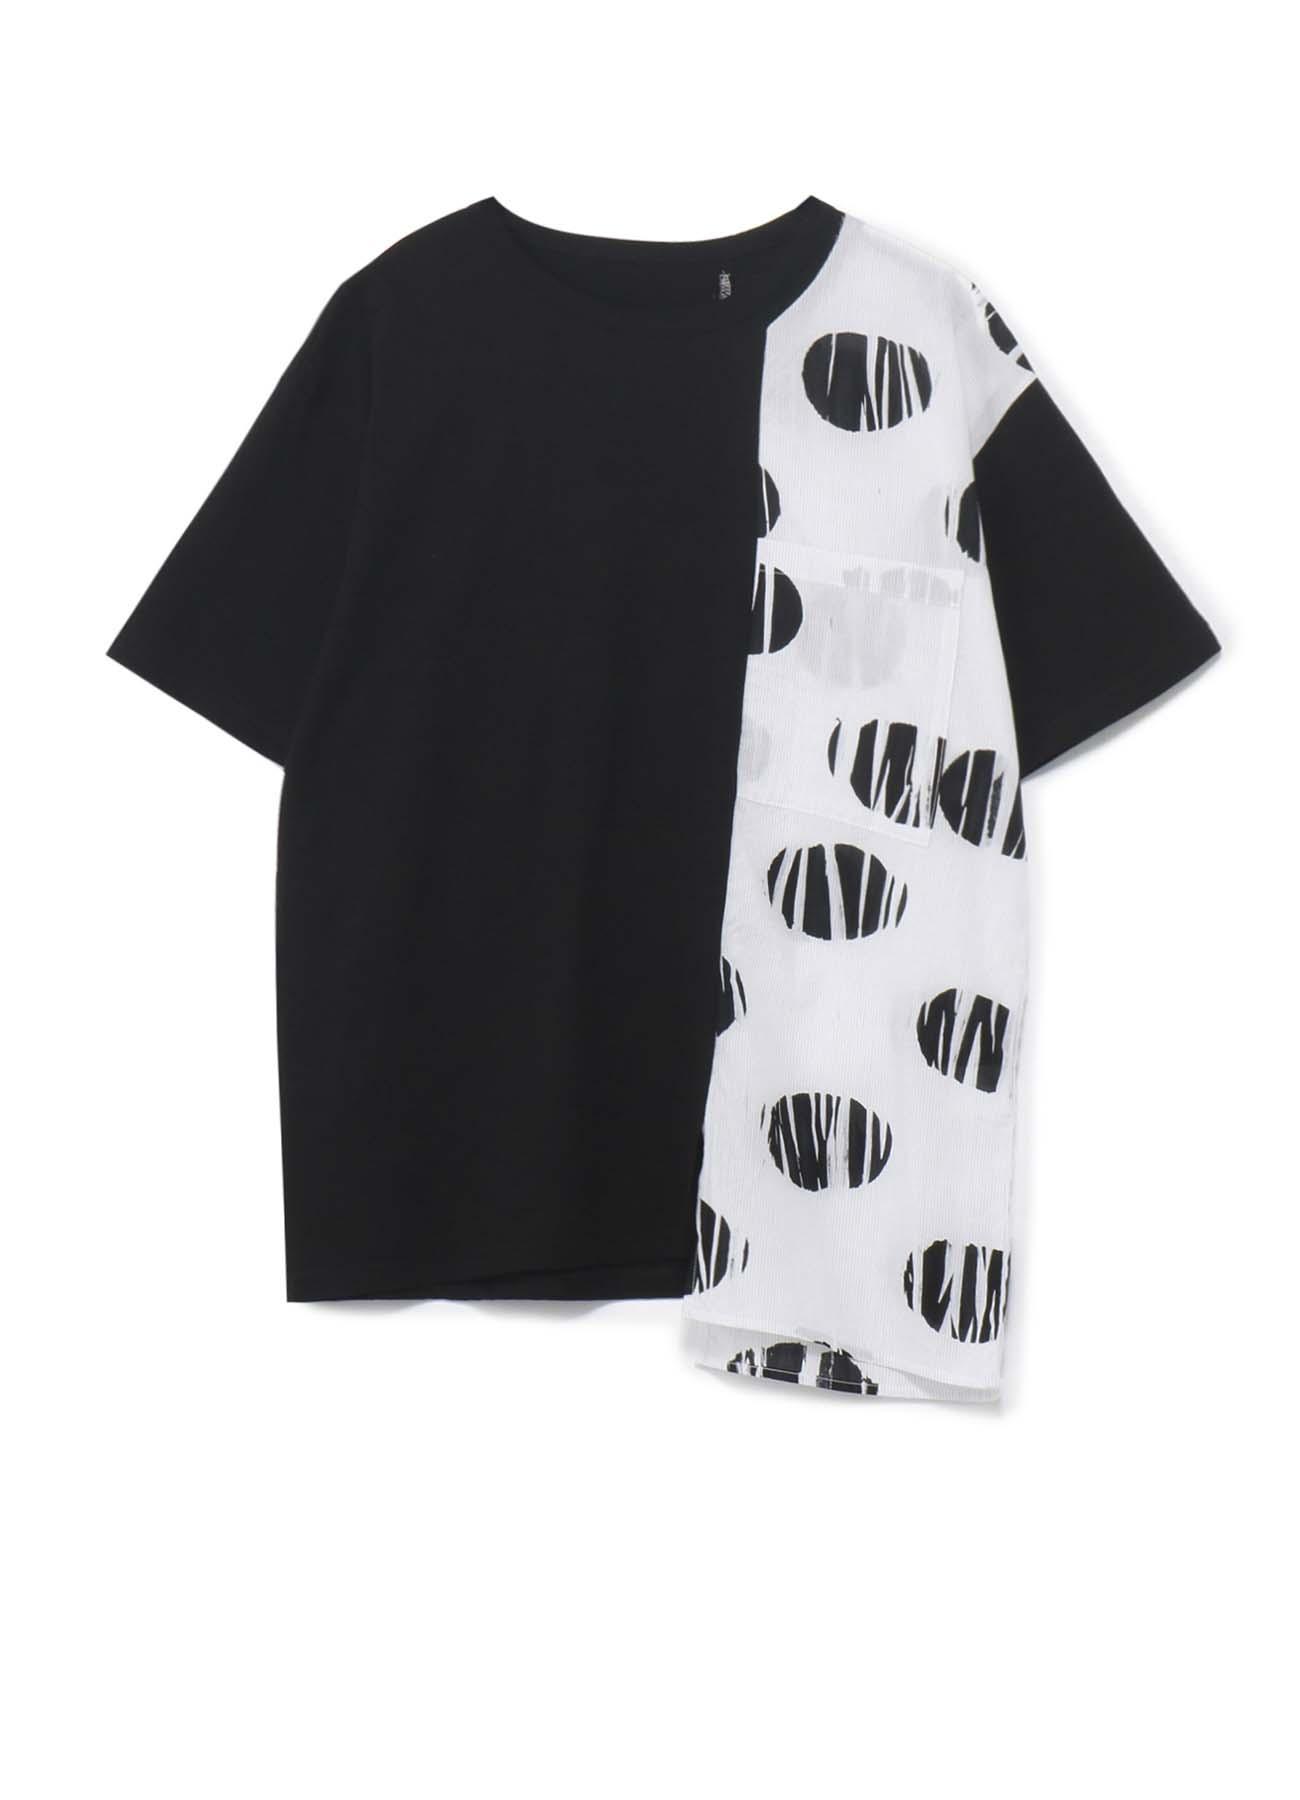 コットン天竺xストライプ絞り水玉プリント 組み合わせTシャツ